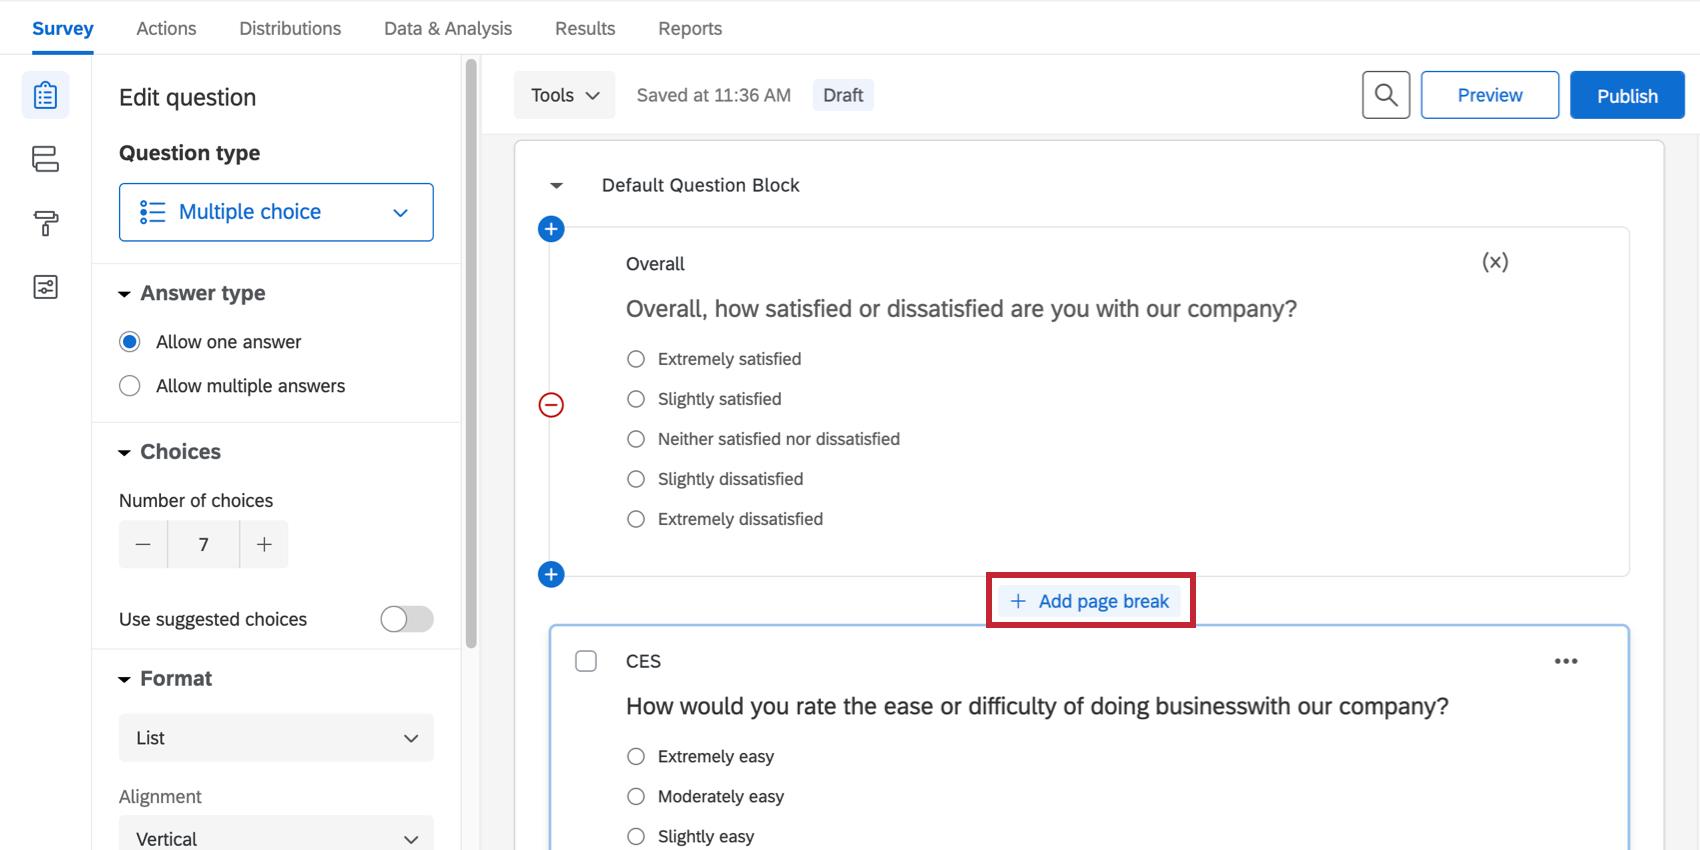 Entre les questions, un bouton indiquant Ajouter un saut de page en bleu s'affiche